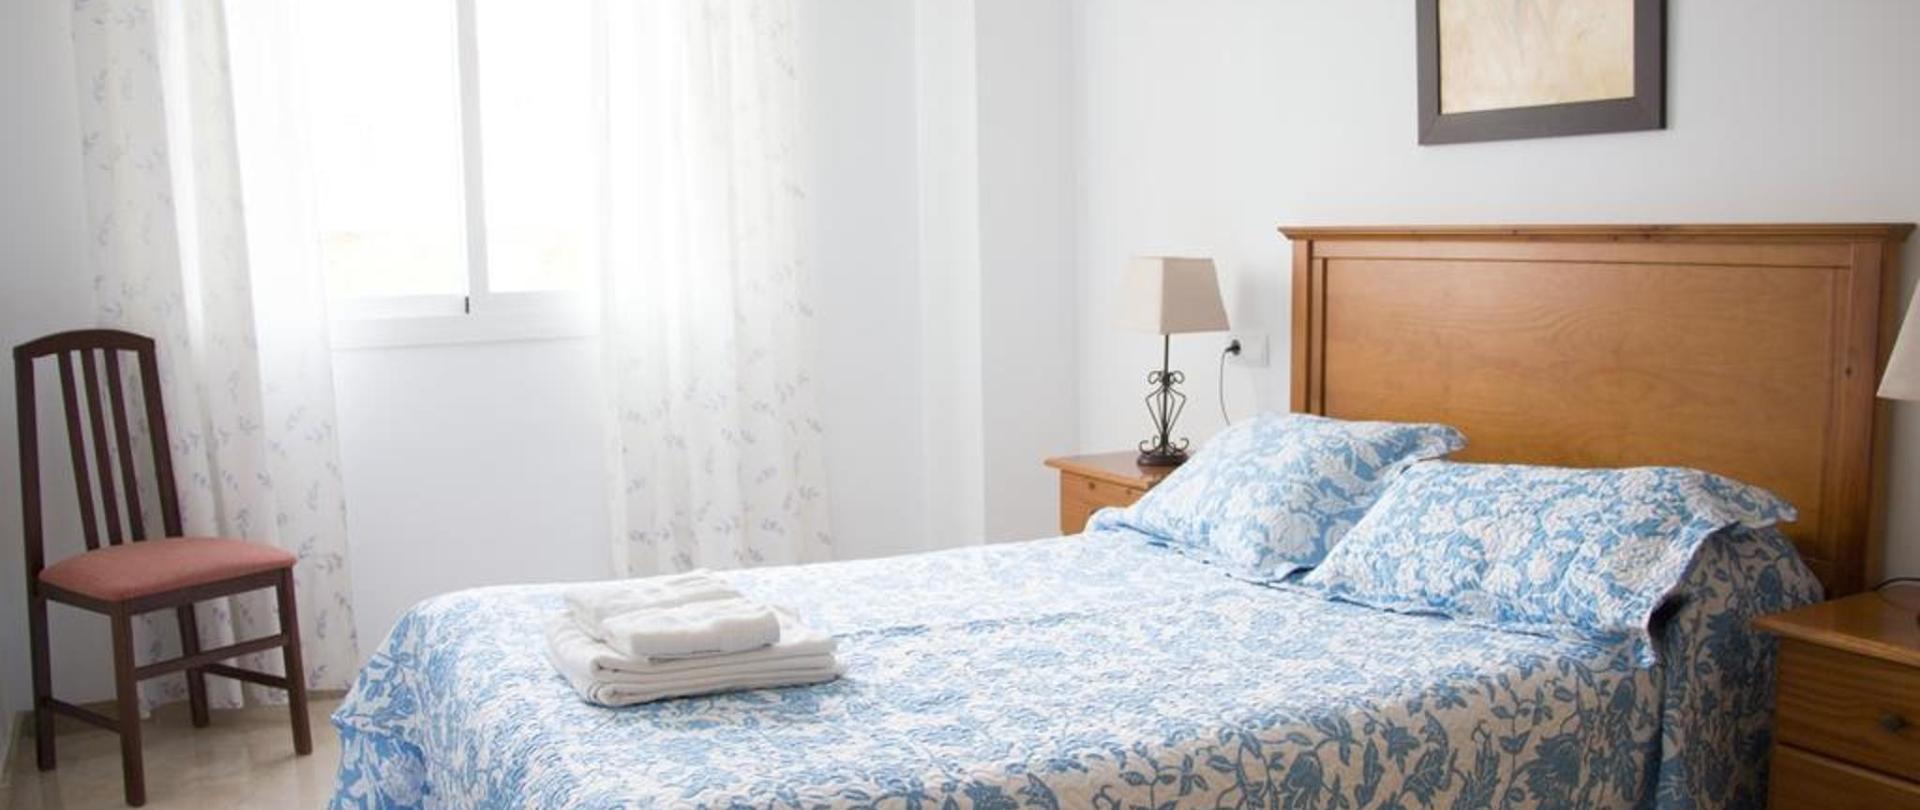 dormitorio 2.png